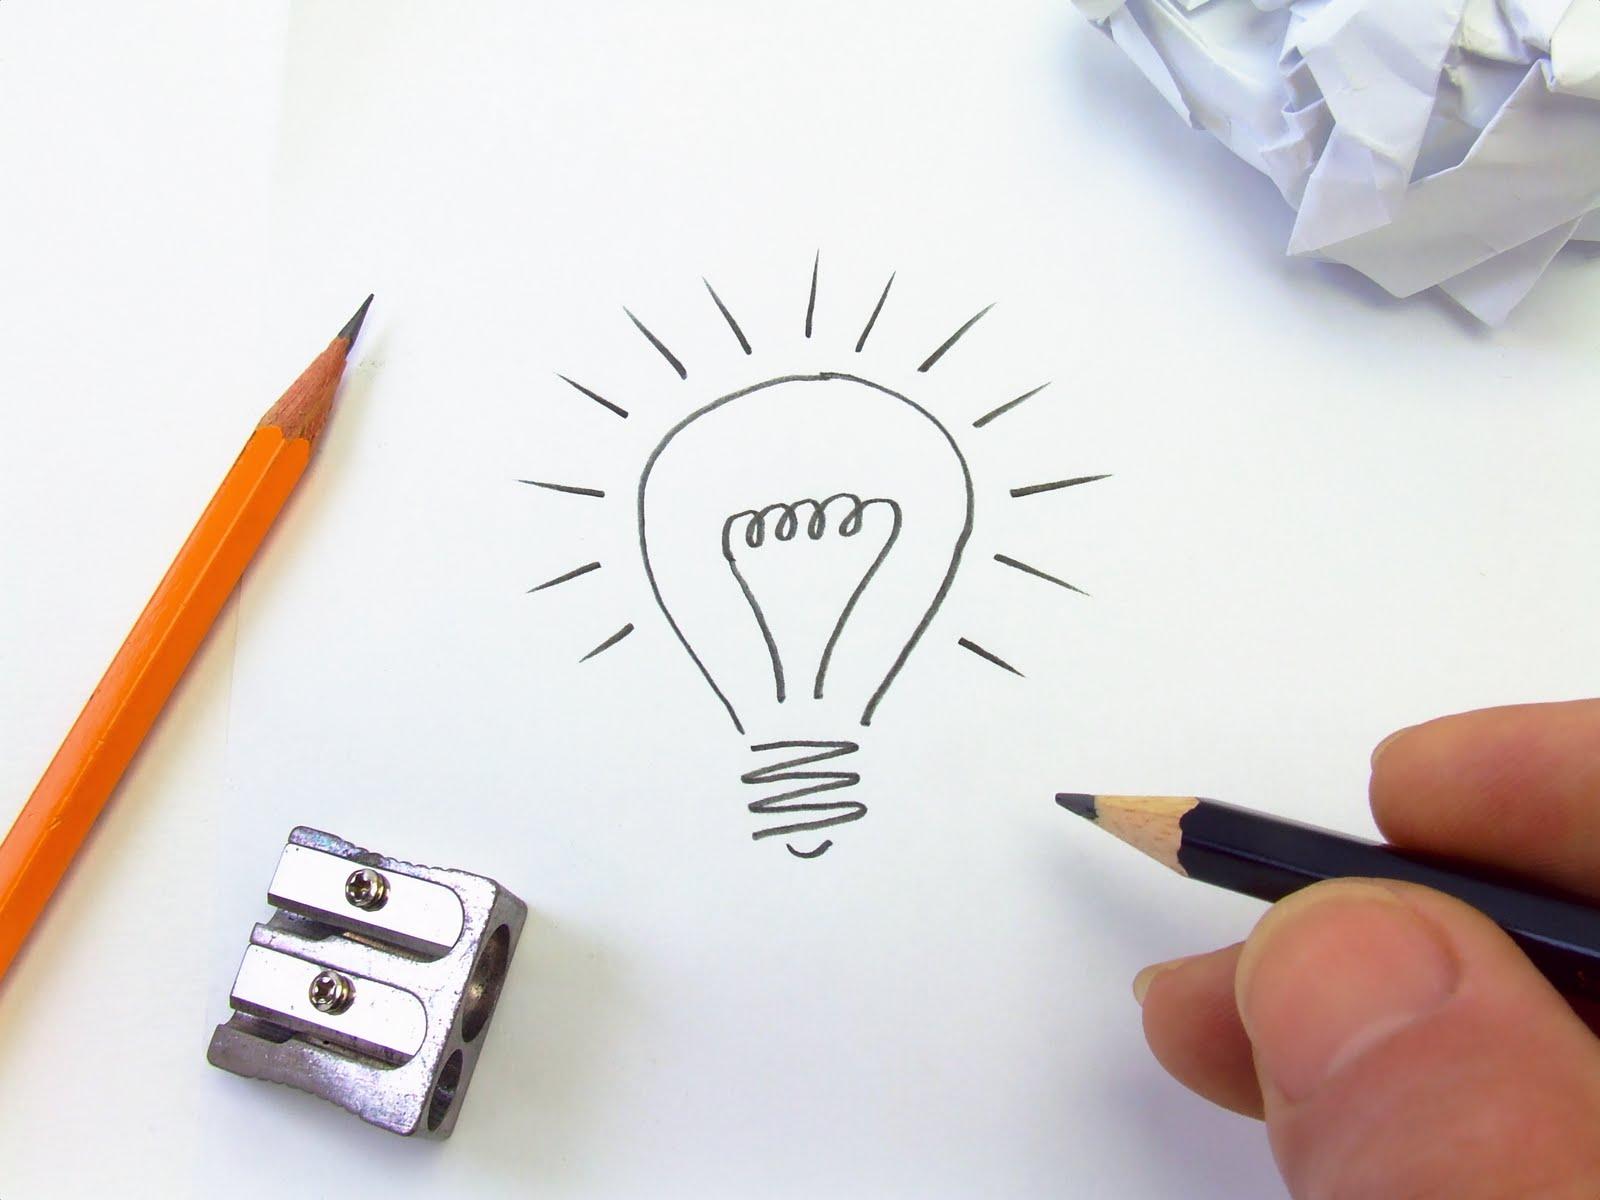 https://www.ekaenlinea.com/wp-content/uploads/2014/04/innovacion-concurso1.jpg